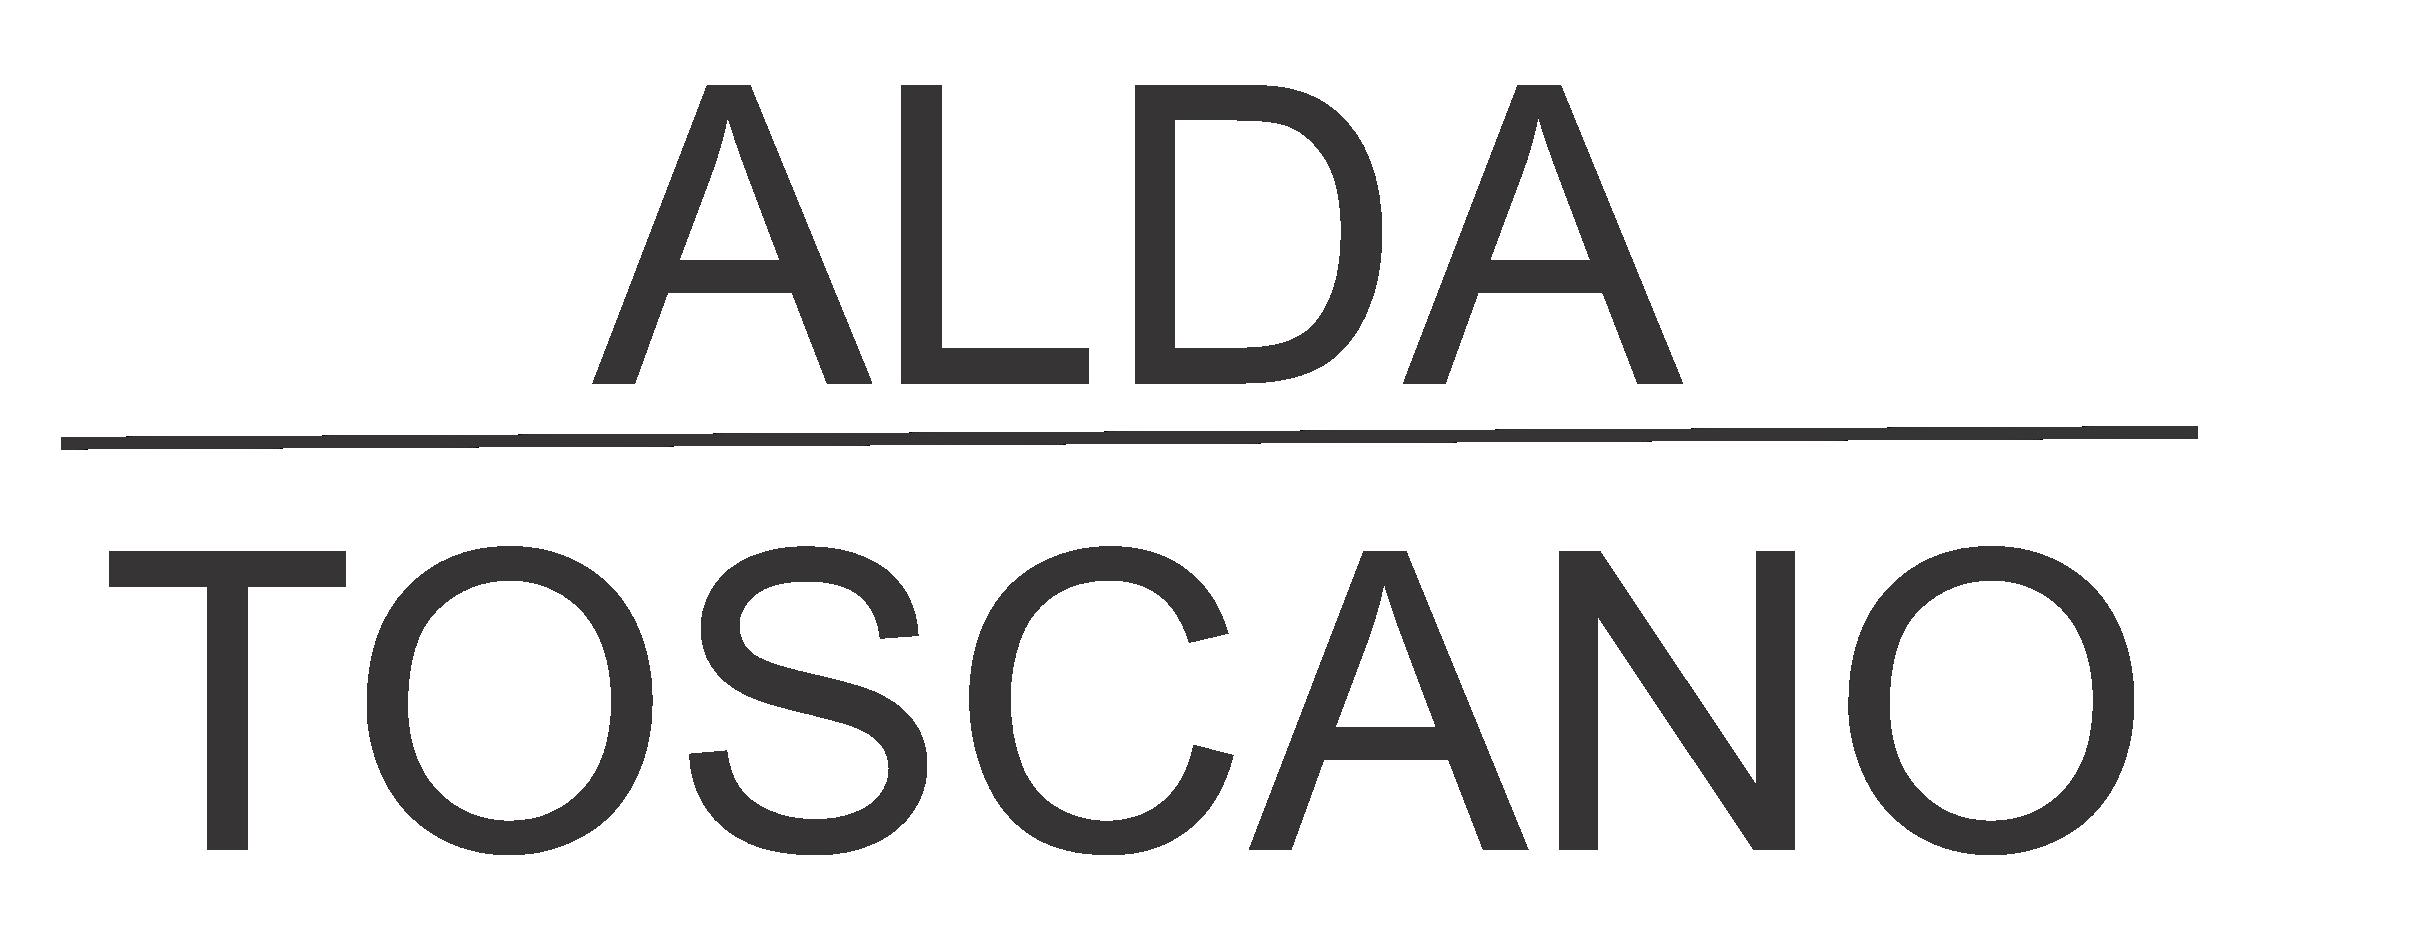 Alda Toscano